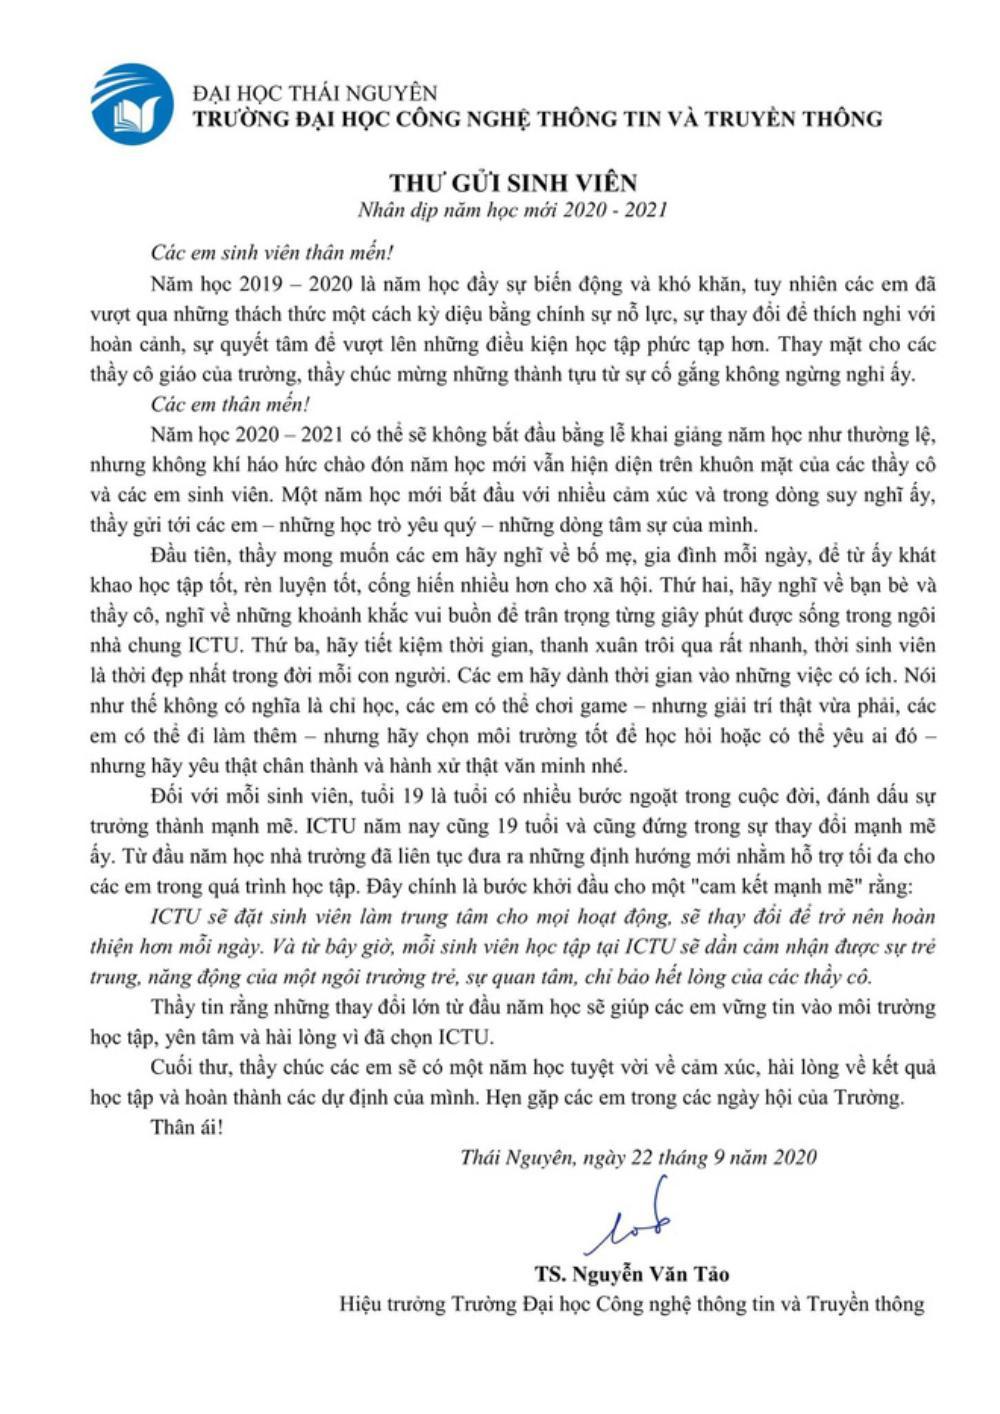 Sinh viên Thái Nguyên được phen khoái chí khi đọc bức thư của thầy Hiệu trưởng: 'Các em có thể chơi game hoặc yêu ai đó...' Ảnh 2